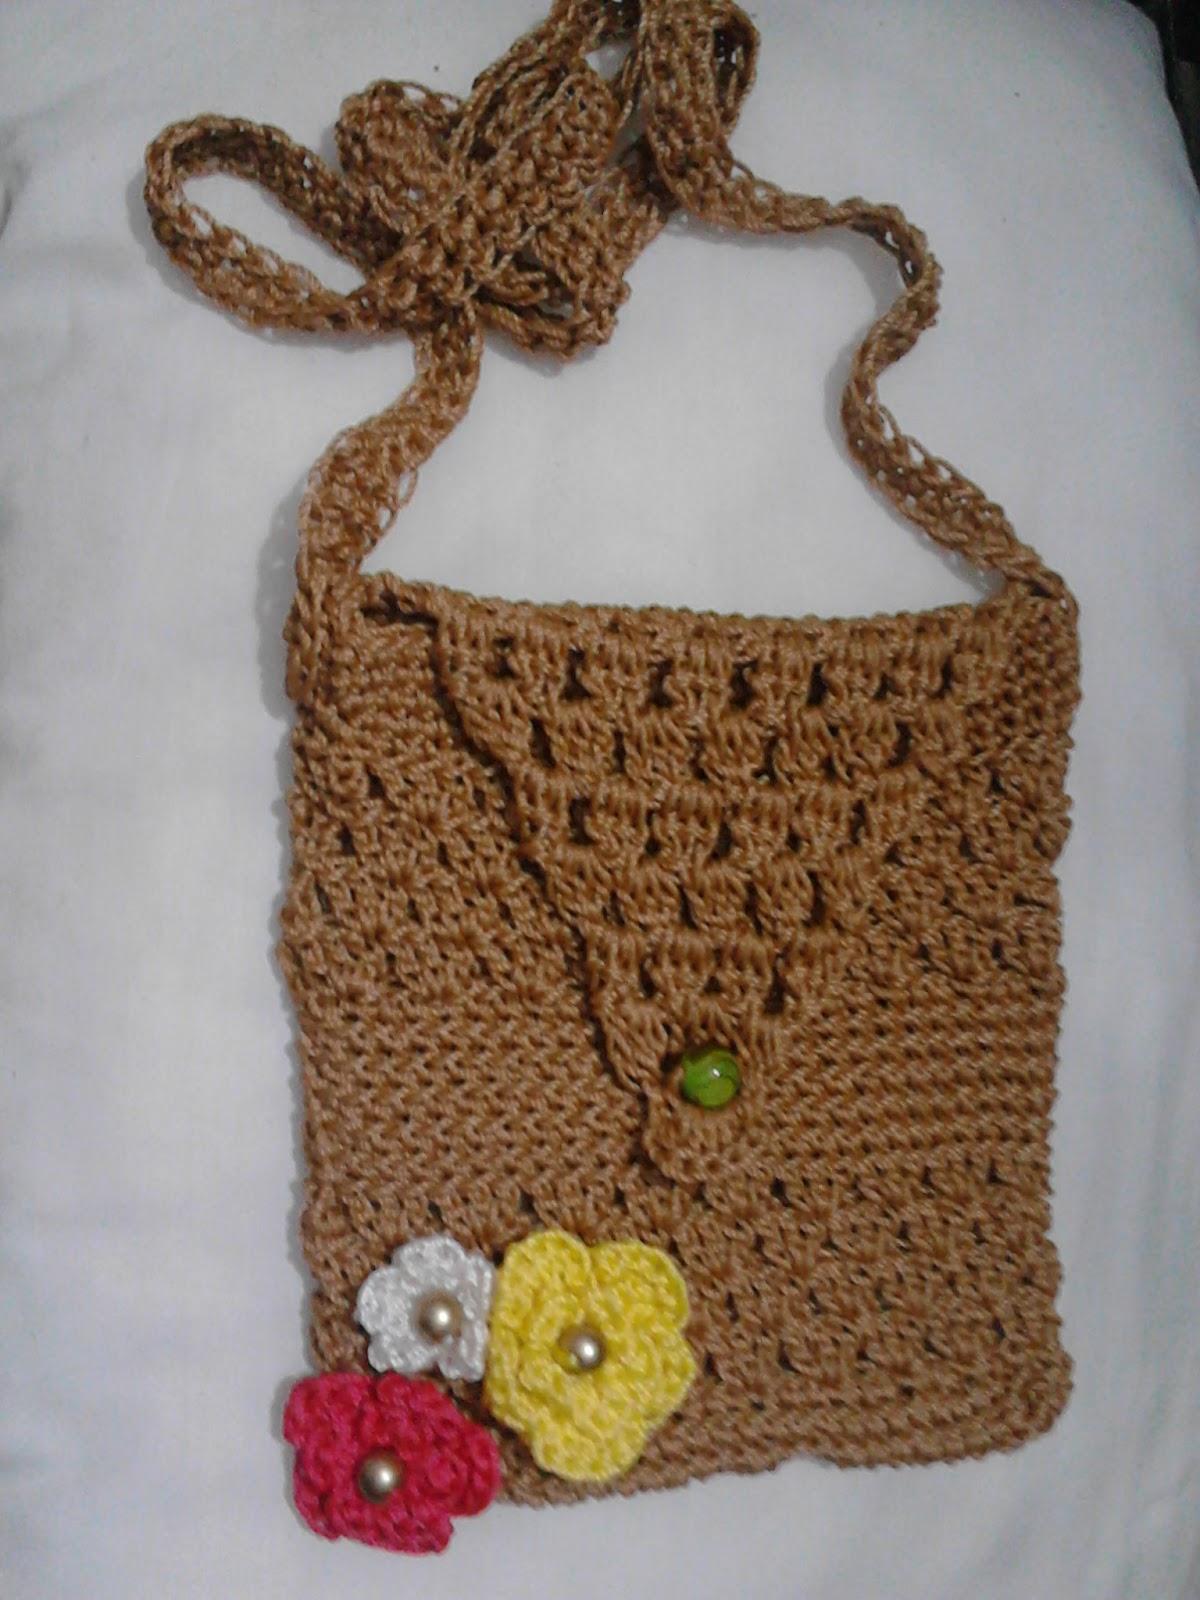 Bolso pequeño, tejido a crochet con Hilo Nylon Color Blanco y Negro